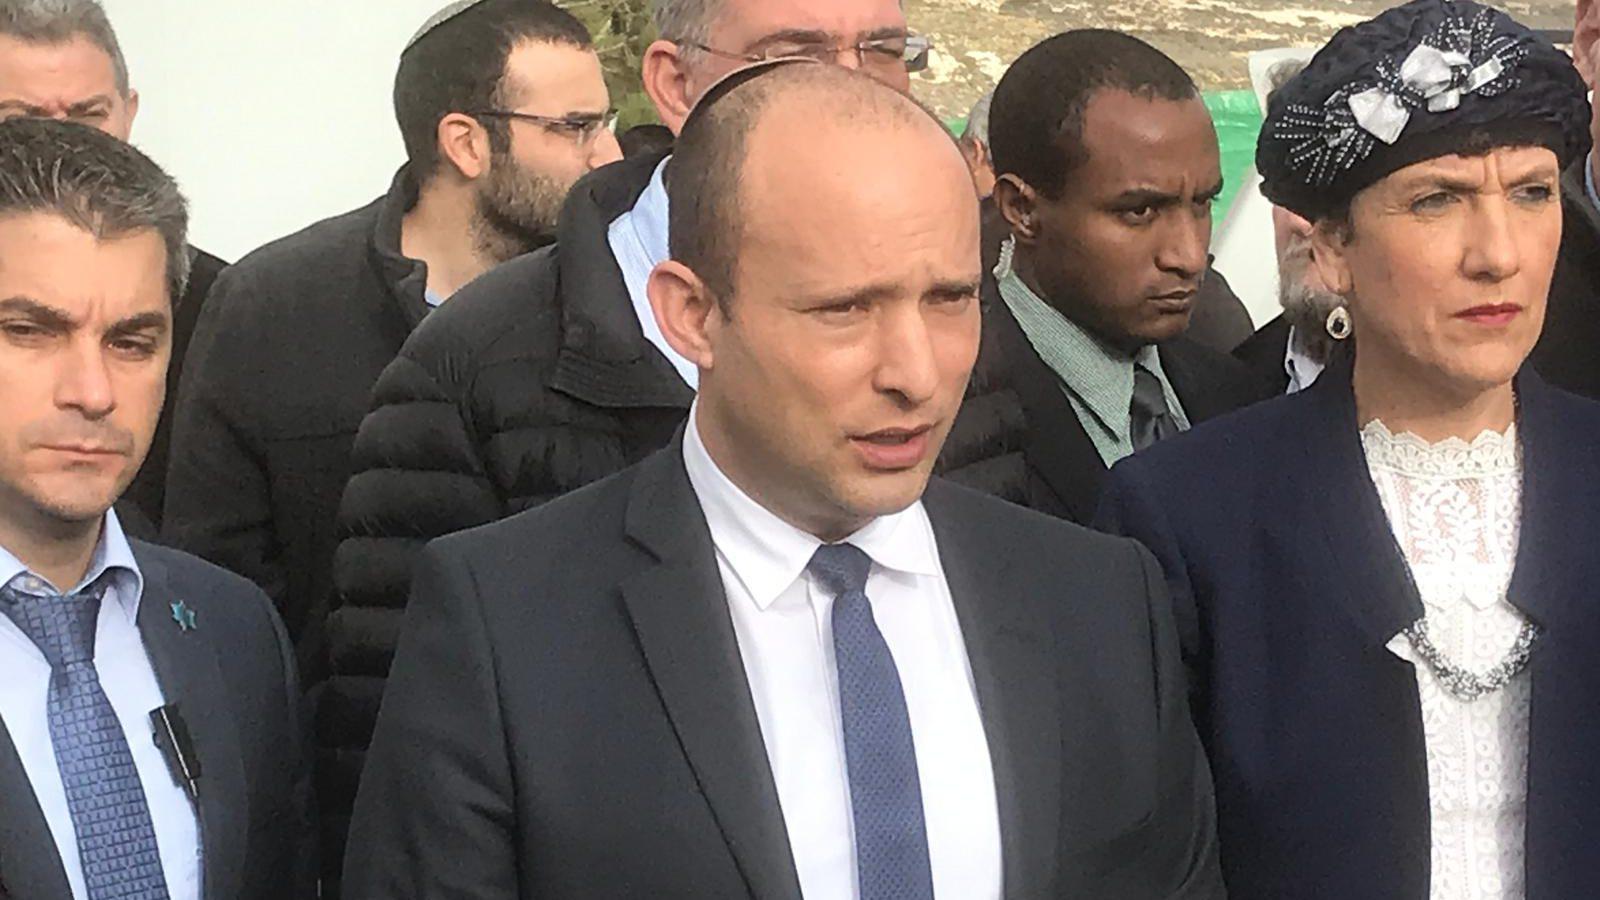 שר הביטחון בנט ימריא לביקור רשמי ראשון בארה״ב – ייפגש עם מקבילו האמריקאי בפנטגון